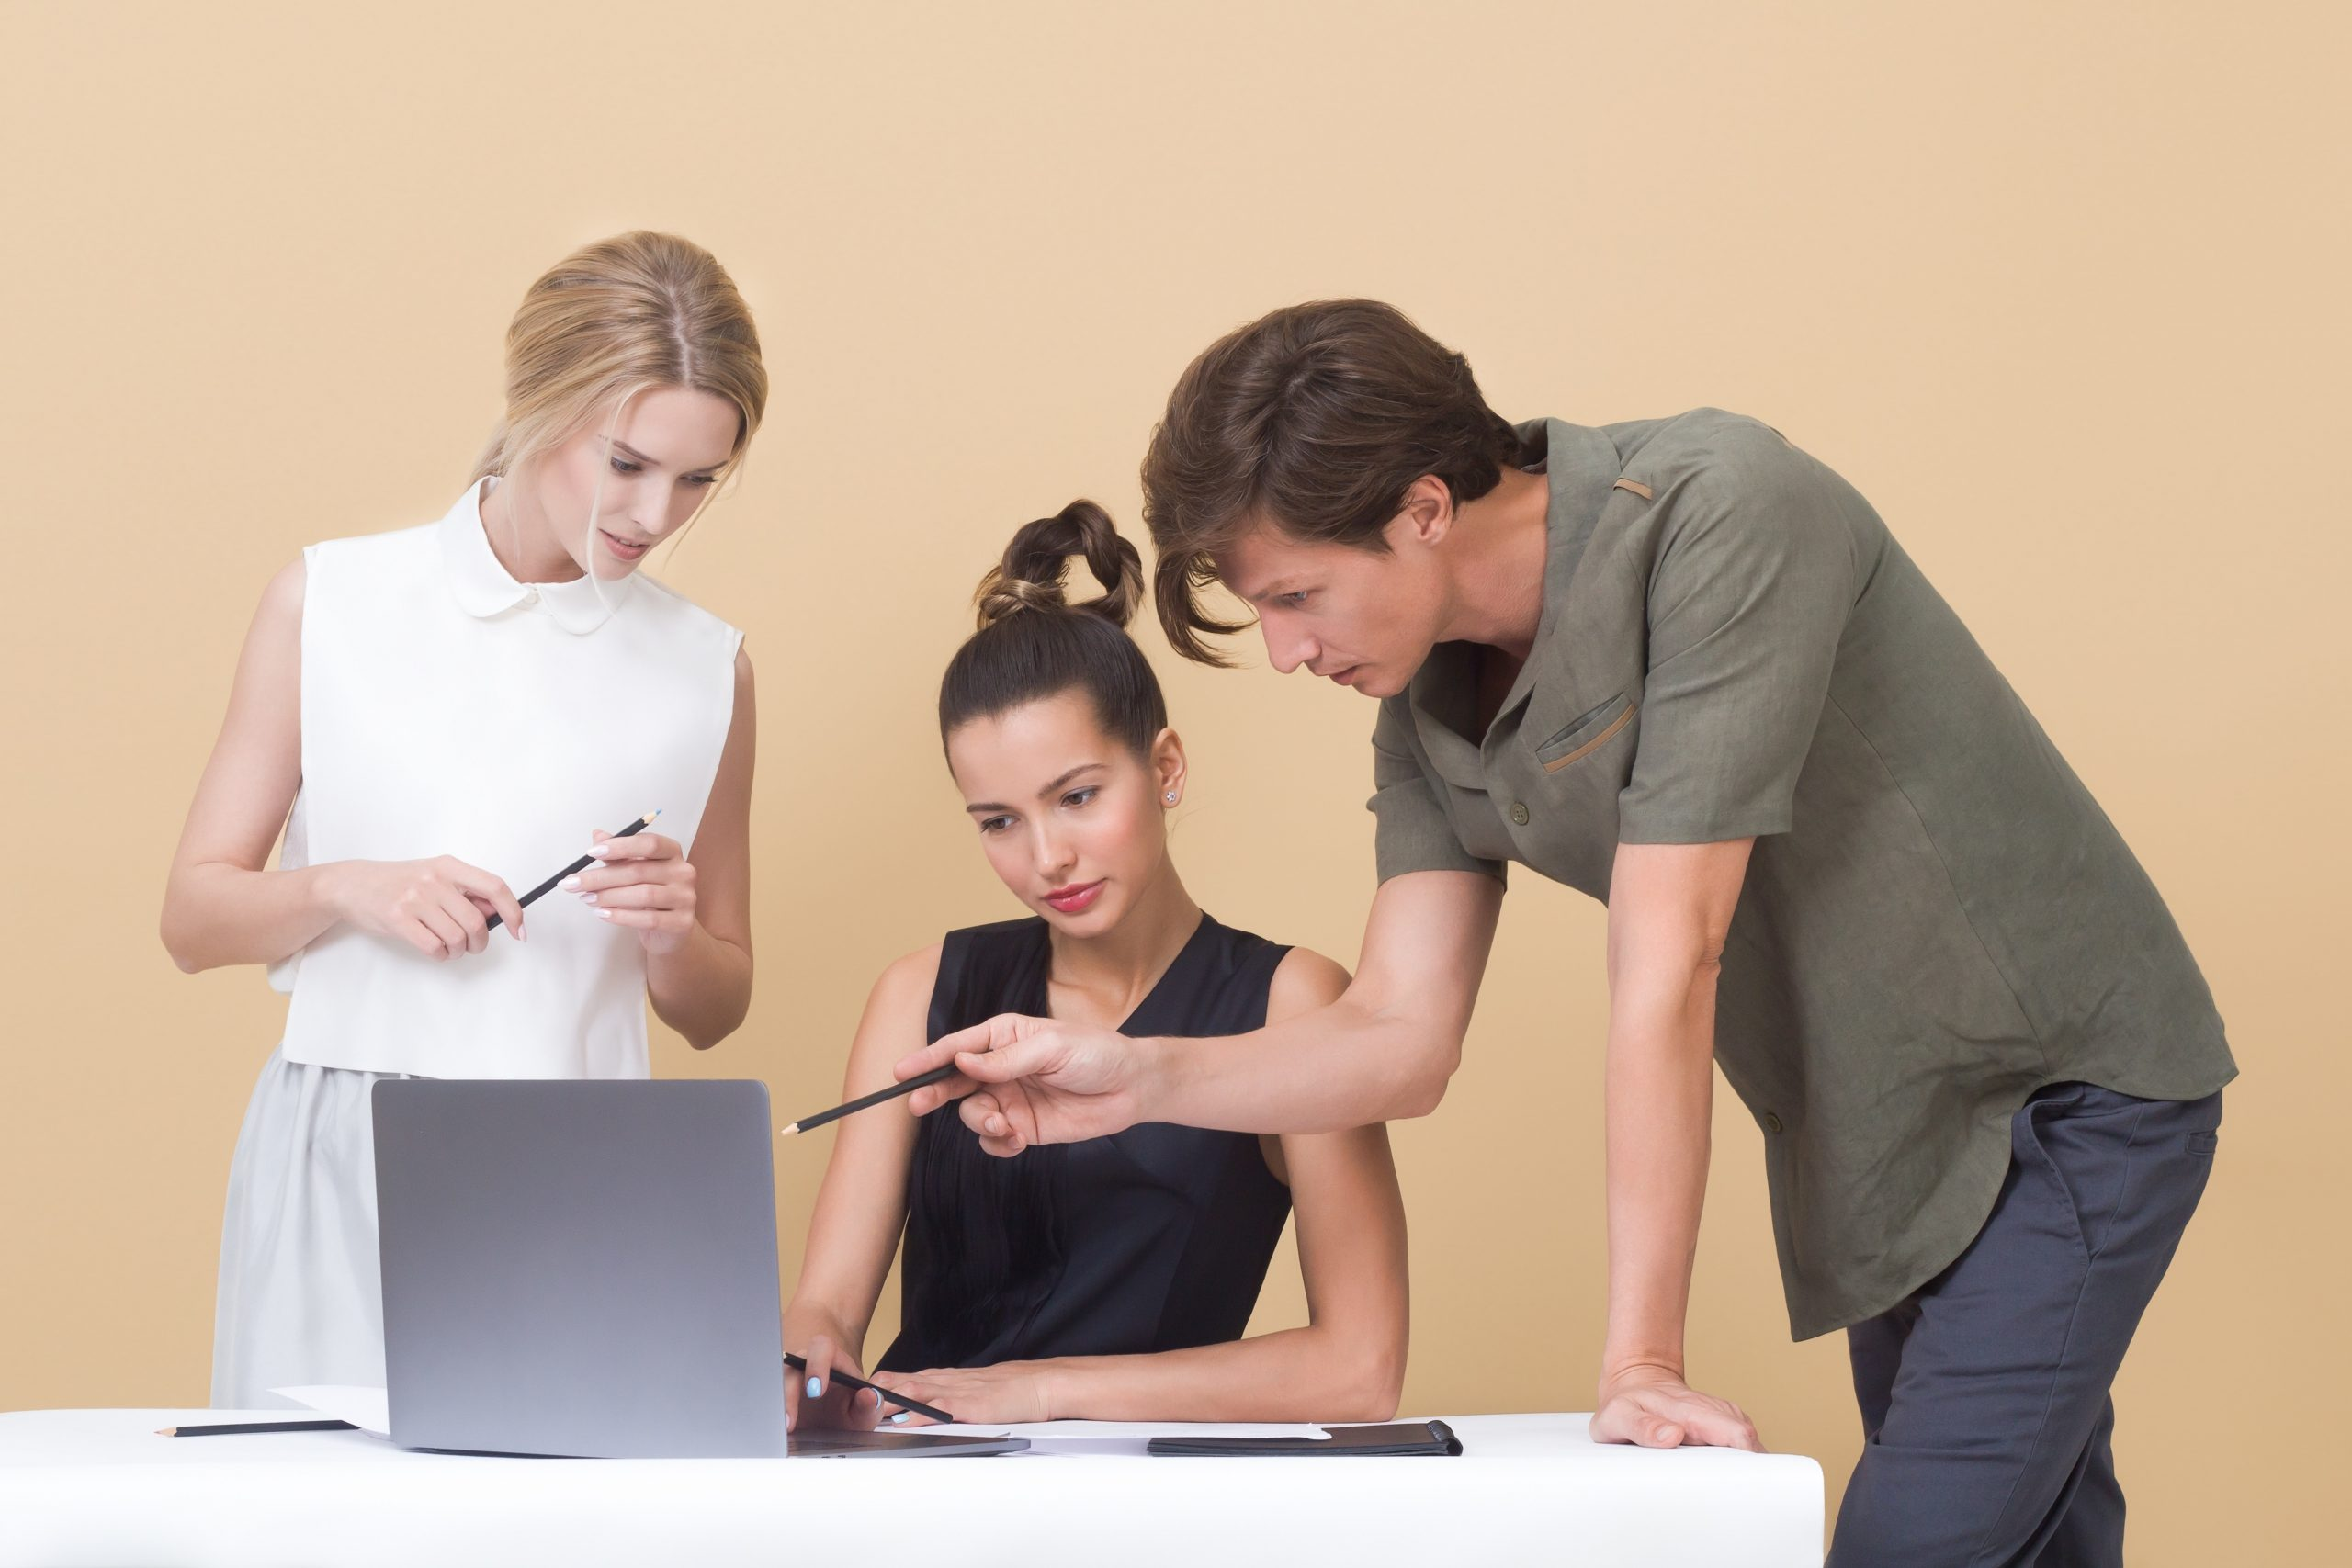 Mejora tus 'soft skills' y pon las habilidades sociales en práctica